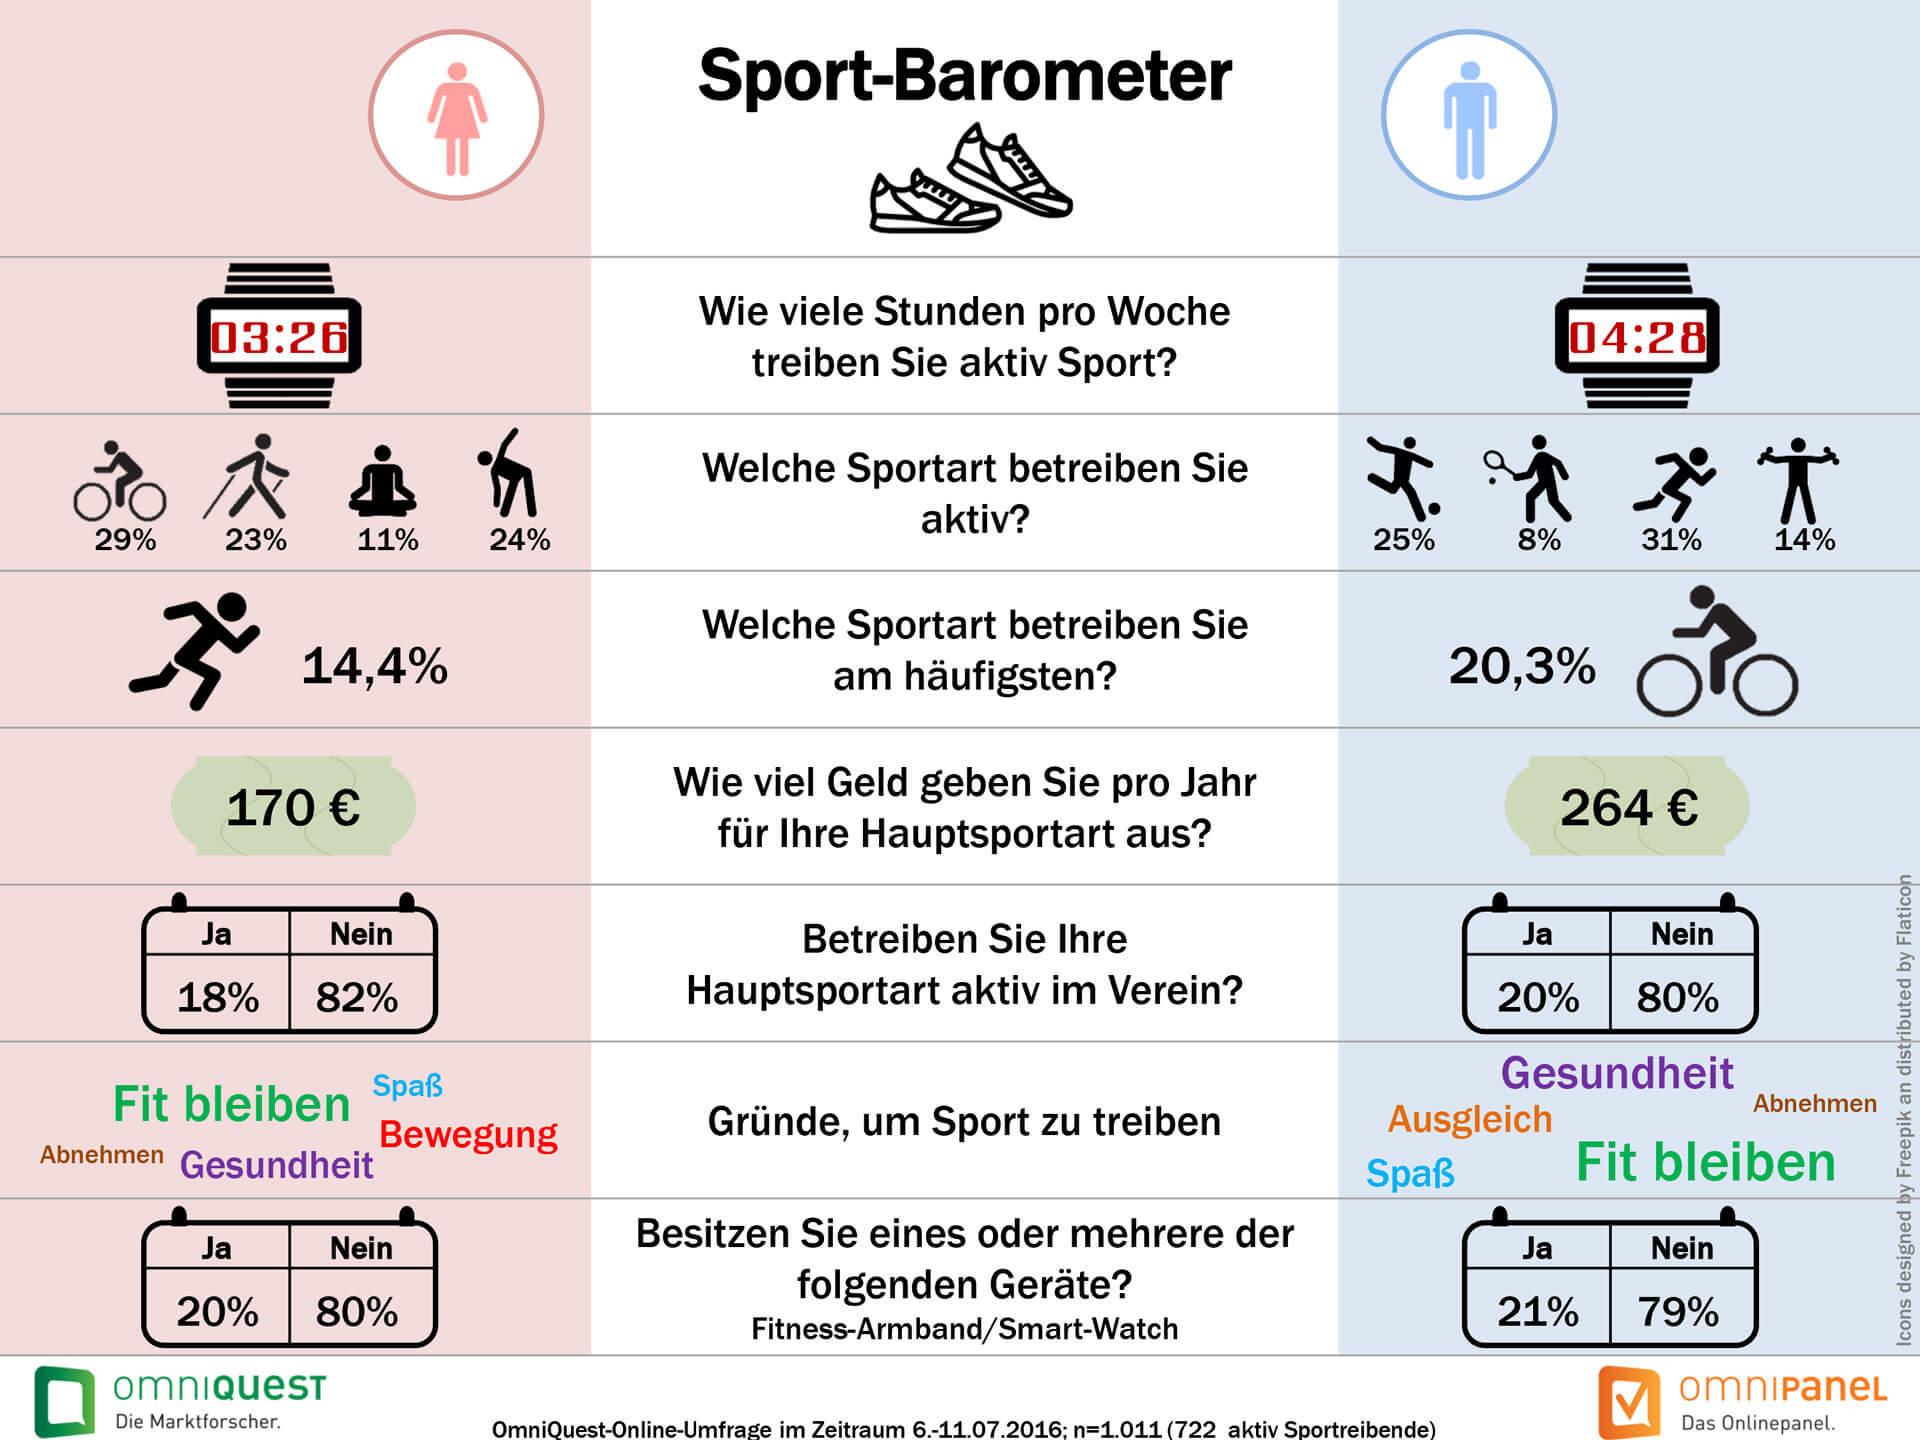 Sport-Barometer - Übersicht